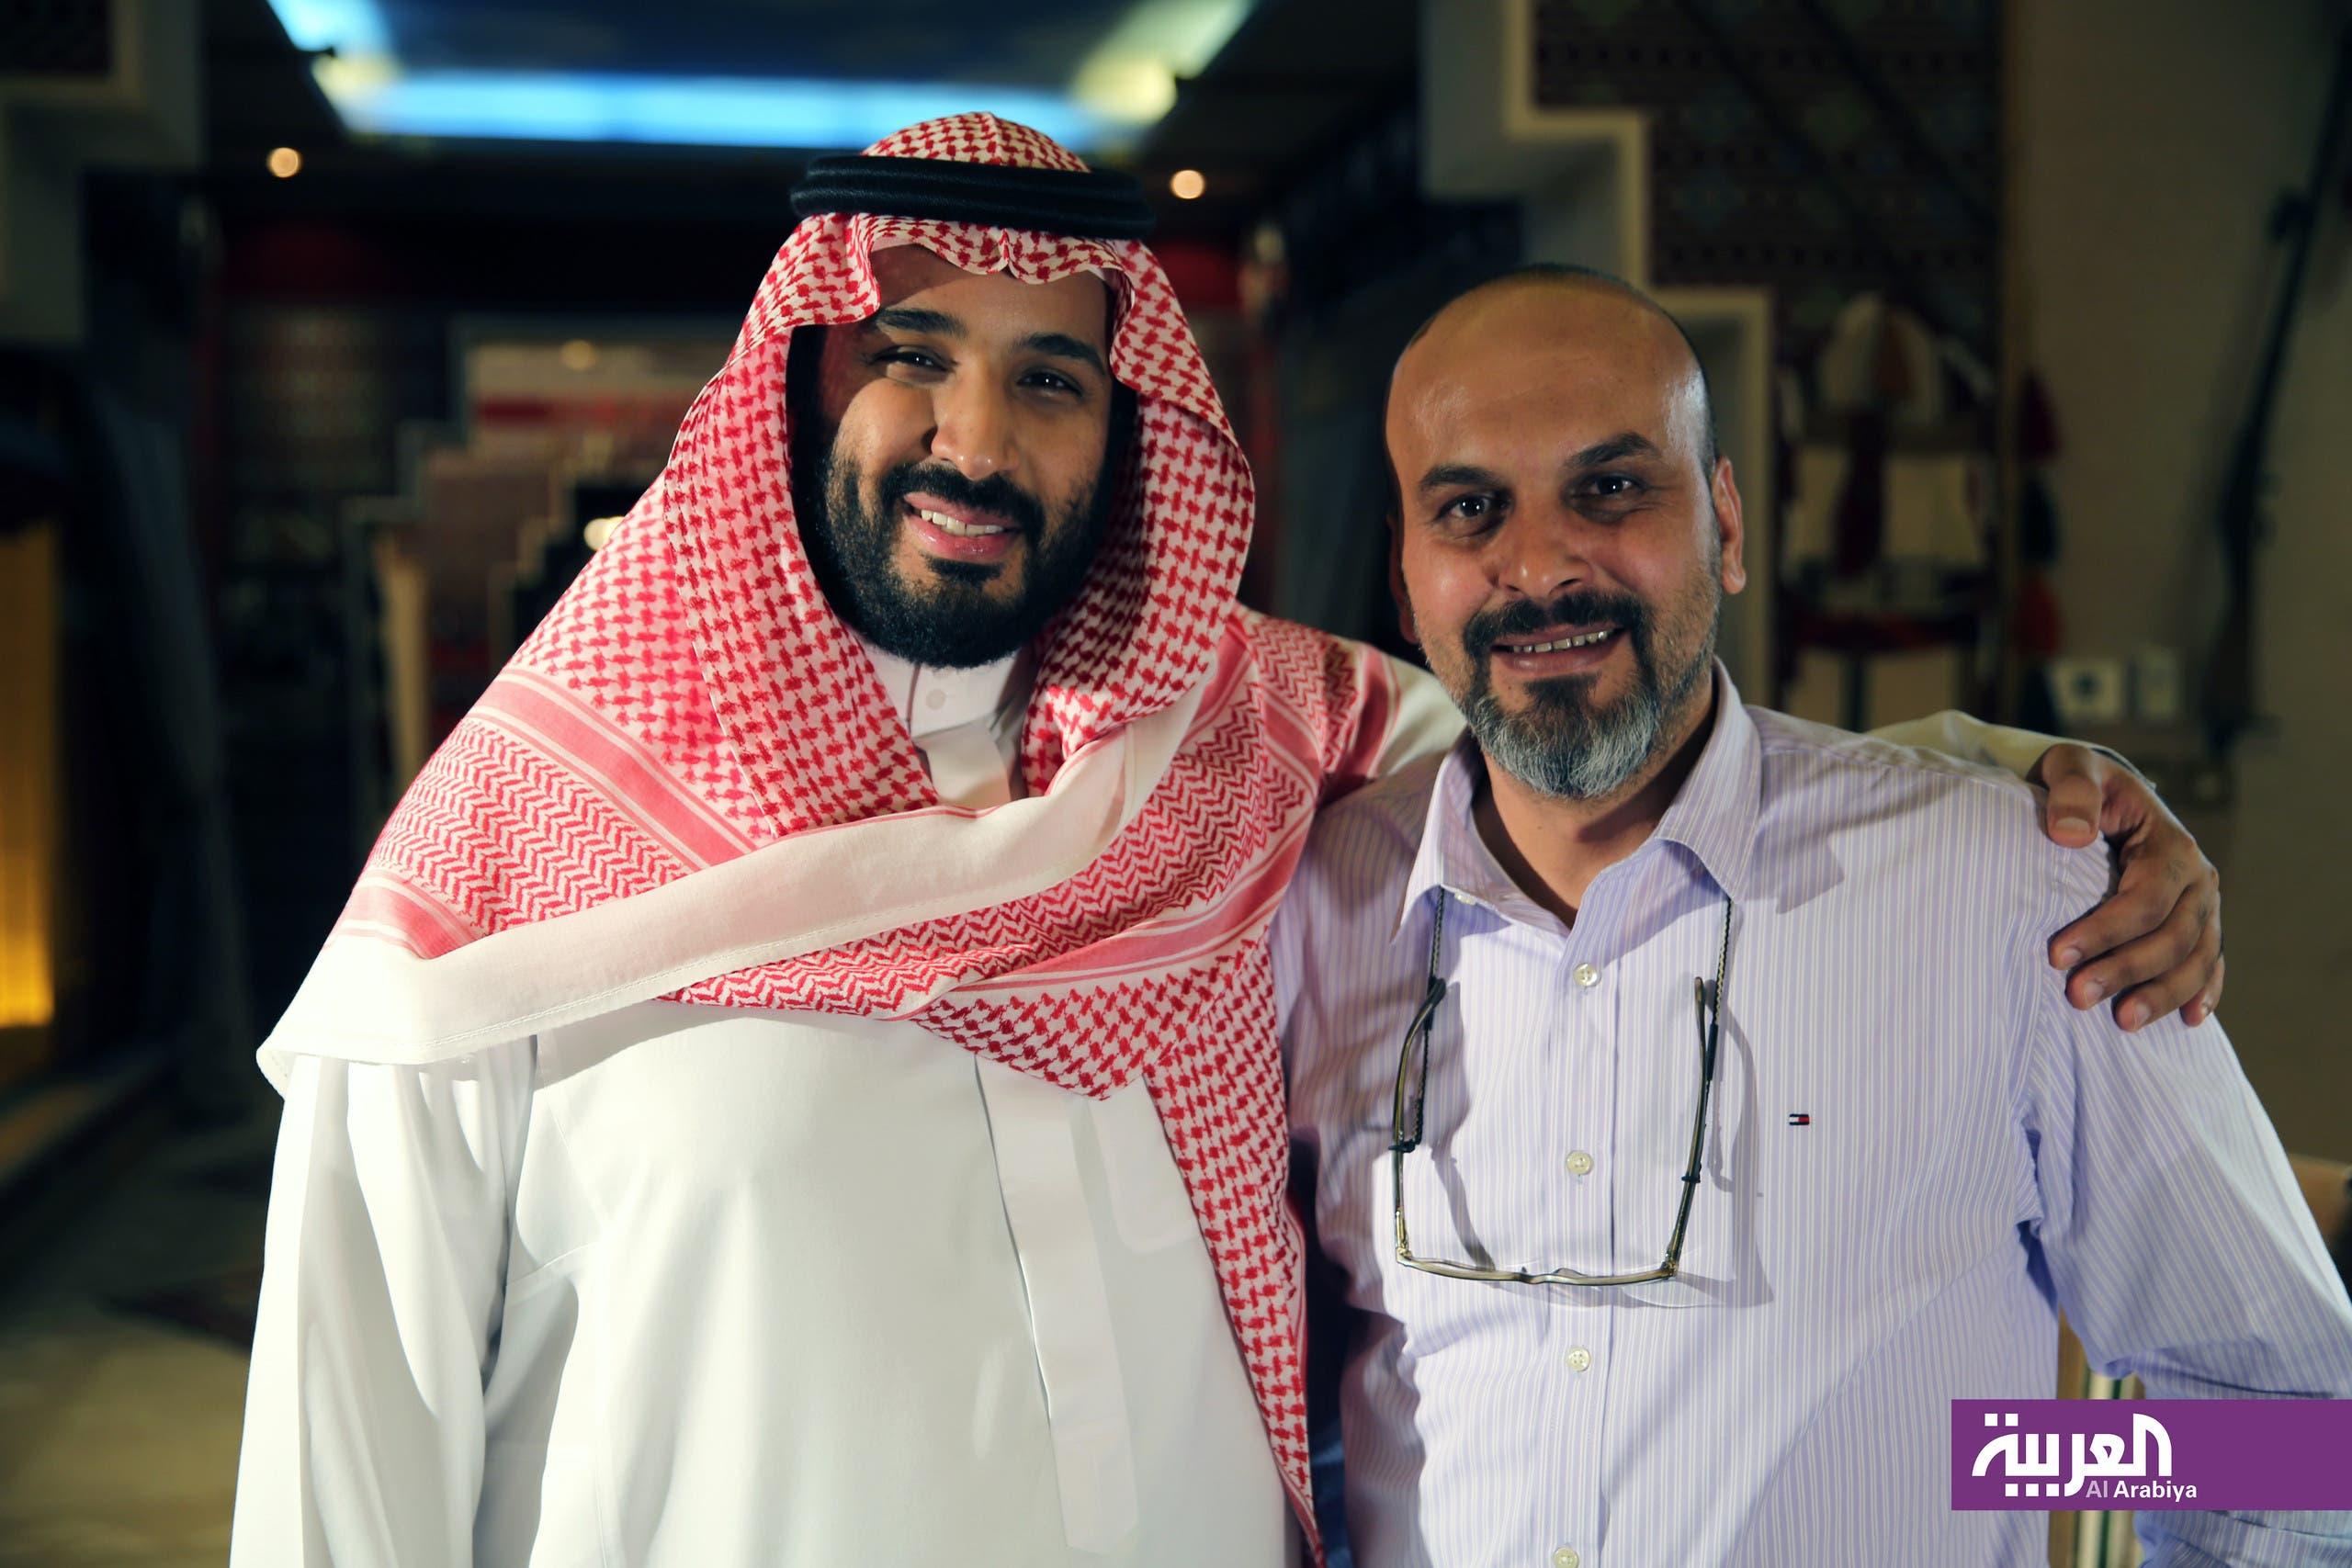 الأمير محمد بن سلمان مع المخرج الزميل إبراهيم العتيبي